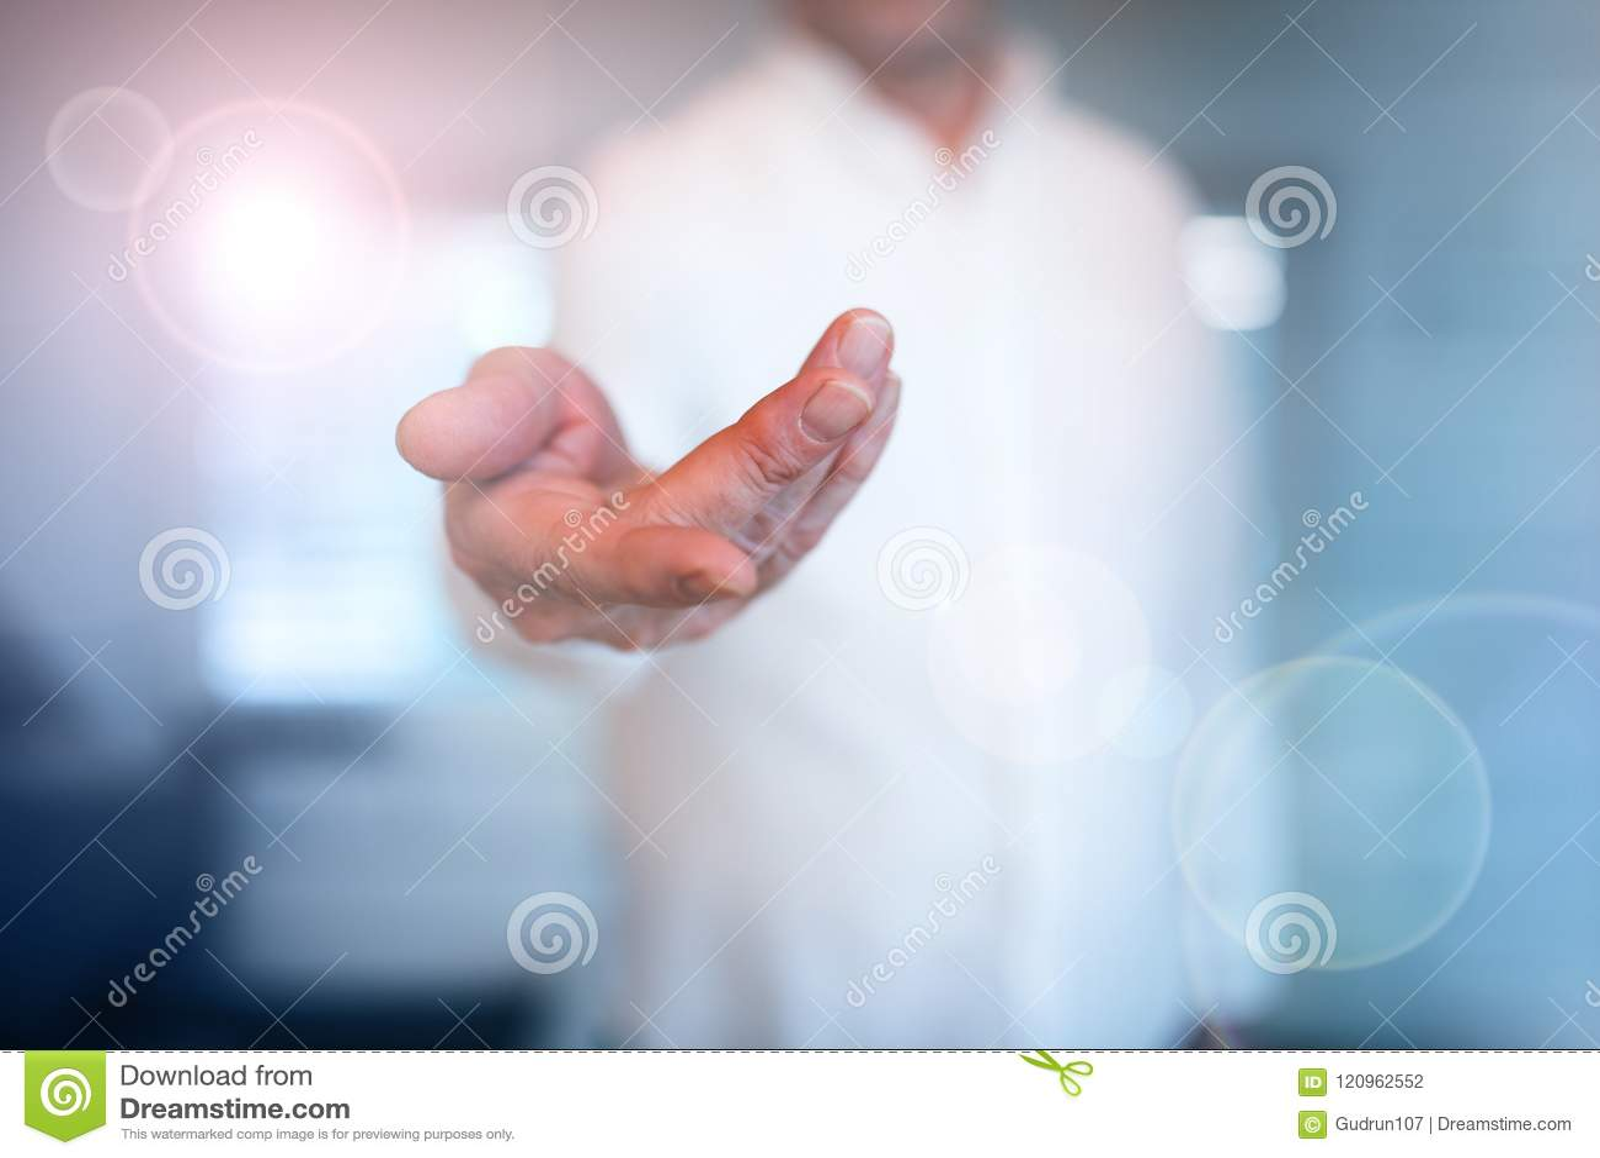 Riesentitten Wichsen Mit Der Hand